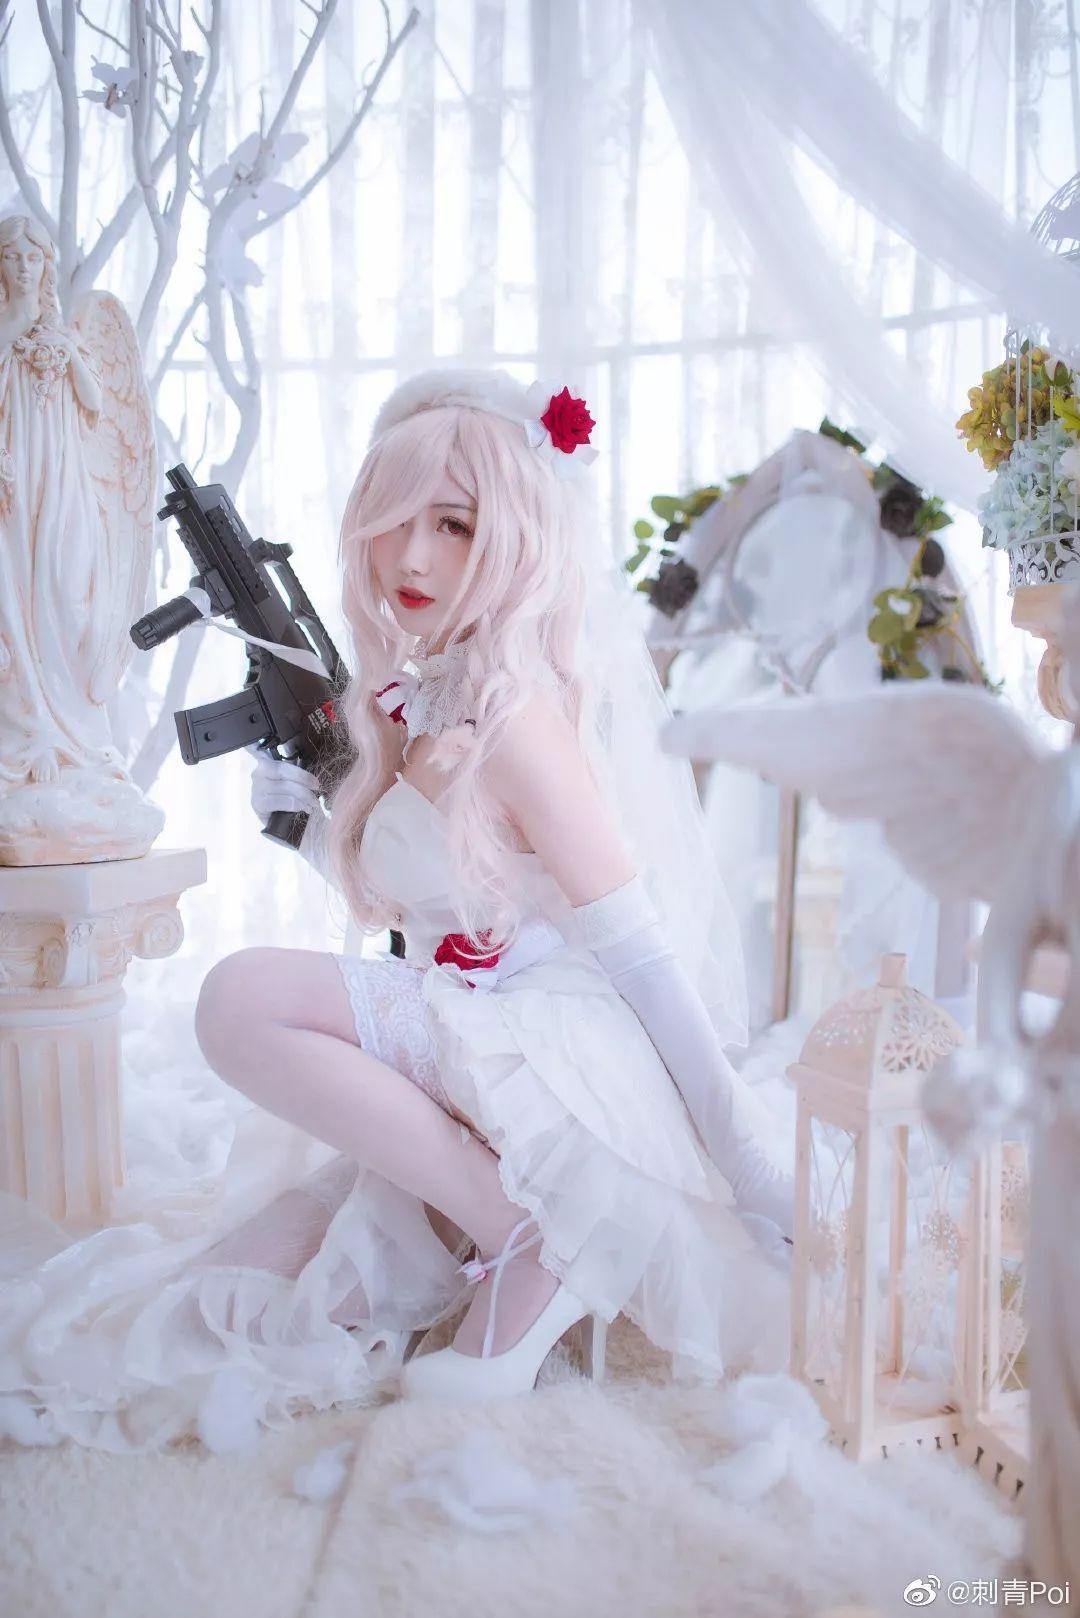 cosplay – 《少女前线》白丝花嫁G36C_图片 No.3